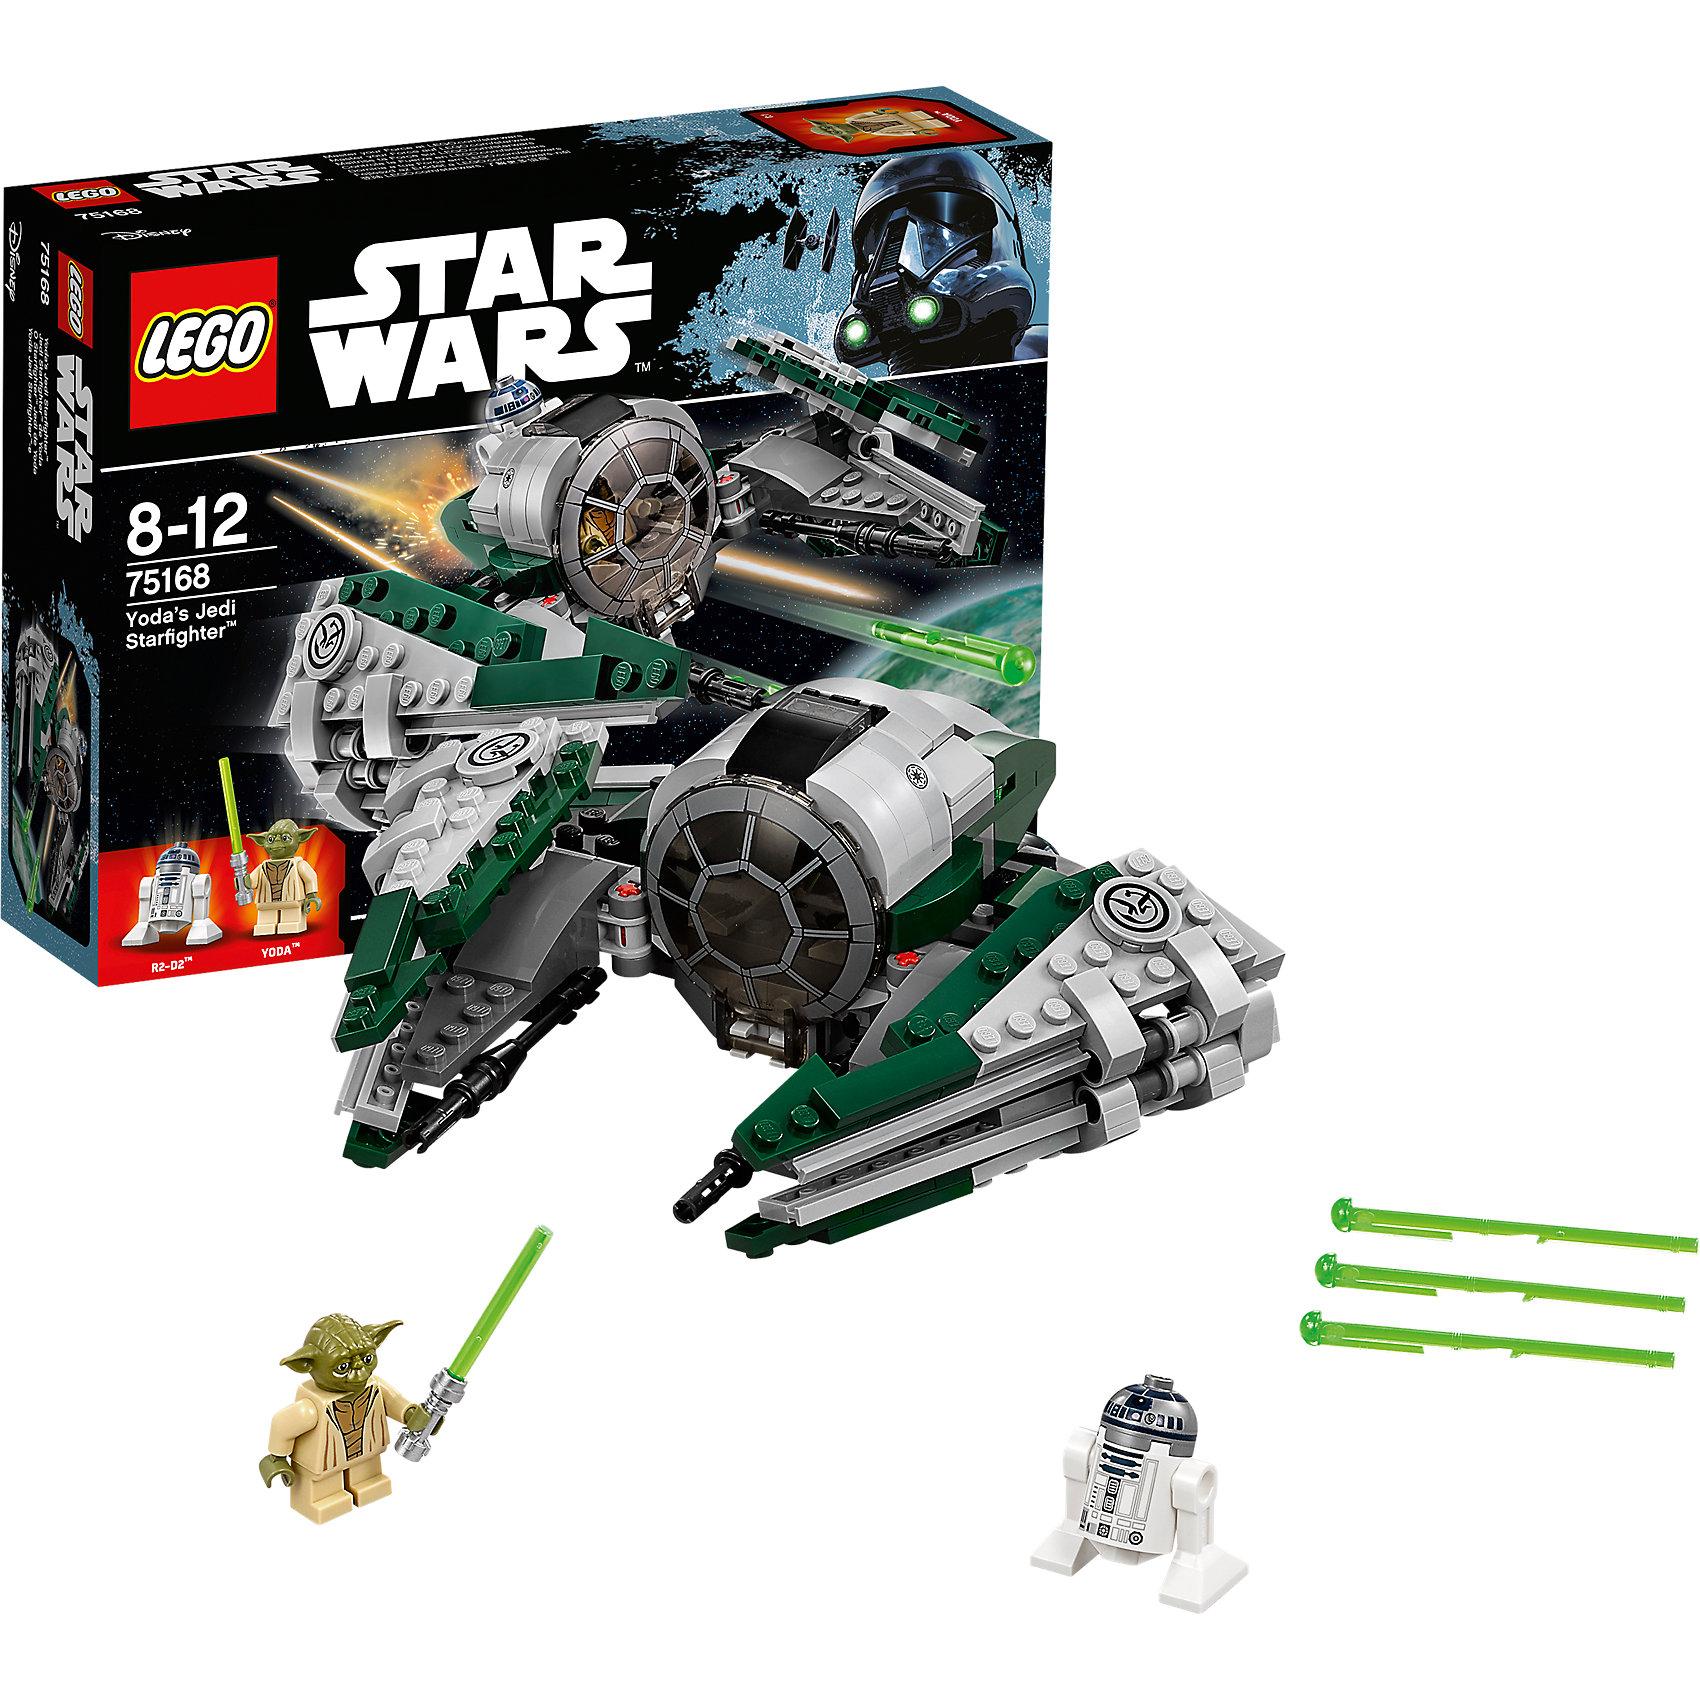 LEGO Star Wars 75168: Звёздный истребитель ЙодыПластмассовые конструкторы<br>LEGO Star Wars 75168: Звёздный истребитель Йоды<br><br>Характеристики:<br><br>- в набор входит: детали истребителя, 2 фигурки, аксессуары, инструкция<br>- состав: пластик<br>- количество деталей: 262<br>- примерное время сборки: 30 минут<br>- размер истребителя: 15 * 7 * 18 см.<br>- для детей в возрасте: от 8 до 12 лет<br>- Страна производитель: Дания/Китай/Чехия/<br><br>Легендарный конструктор LEGO (ЛЕГО) представляет серию «Звездные Войны» с героями одноименных фильмов. Гранд Мастер-Джедай Йода, небольшой по росту, но мудрый и сильный, тренировал джедаев более чем 800 лет. Его отлично проработанная фигурка приведет в восторг фанатов, рельефная голова с детализированными морщинами и знаменитыми ушами магистра добавляют максимальной реалистичности этой фигурке. В набор входит световой меч Йоды. На фигурку знаменитого астромеханического дроида Р2-Д2 (R2-D2) качественно нанесены рисунки приборной панели, а его бочкообразная форма и вращающийся купол выглядят совсем как в фильмах! Дроид способен чинить неполадки во время полетов. Известный истребитель Йоды – это модифицированный истребитель джедая, специально уменьшенный в размере для магистра. Кабина пилота открывается, а особенная прозрачная круговая деталь с уже нанесенным рисунком выглядит очень реалистично. Мощные крылья истребителя двигаются и раскладываются позволяя осуществлять выстрелы по противникам. Пружинный механизм выпускает зеленые бластерные лучи. Присоединись к команде повстанцев и совершенствуй свою силу. <br><br>Конструктор LEGO Star Wars 75168: Звёздный истребитель Йоды можно купить в нашем интернет-магазине.<br><br>Ширина мм: 263<br>Глубина мм: 187<br>Высота мм: 63<br>Вес г: 342<br>Возраст от месяцев: 96<br>Возраст до месяцев: 144<br>Пол: Мужской<br>Возраст: Детский<br>SKU: 5002395